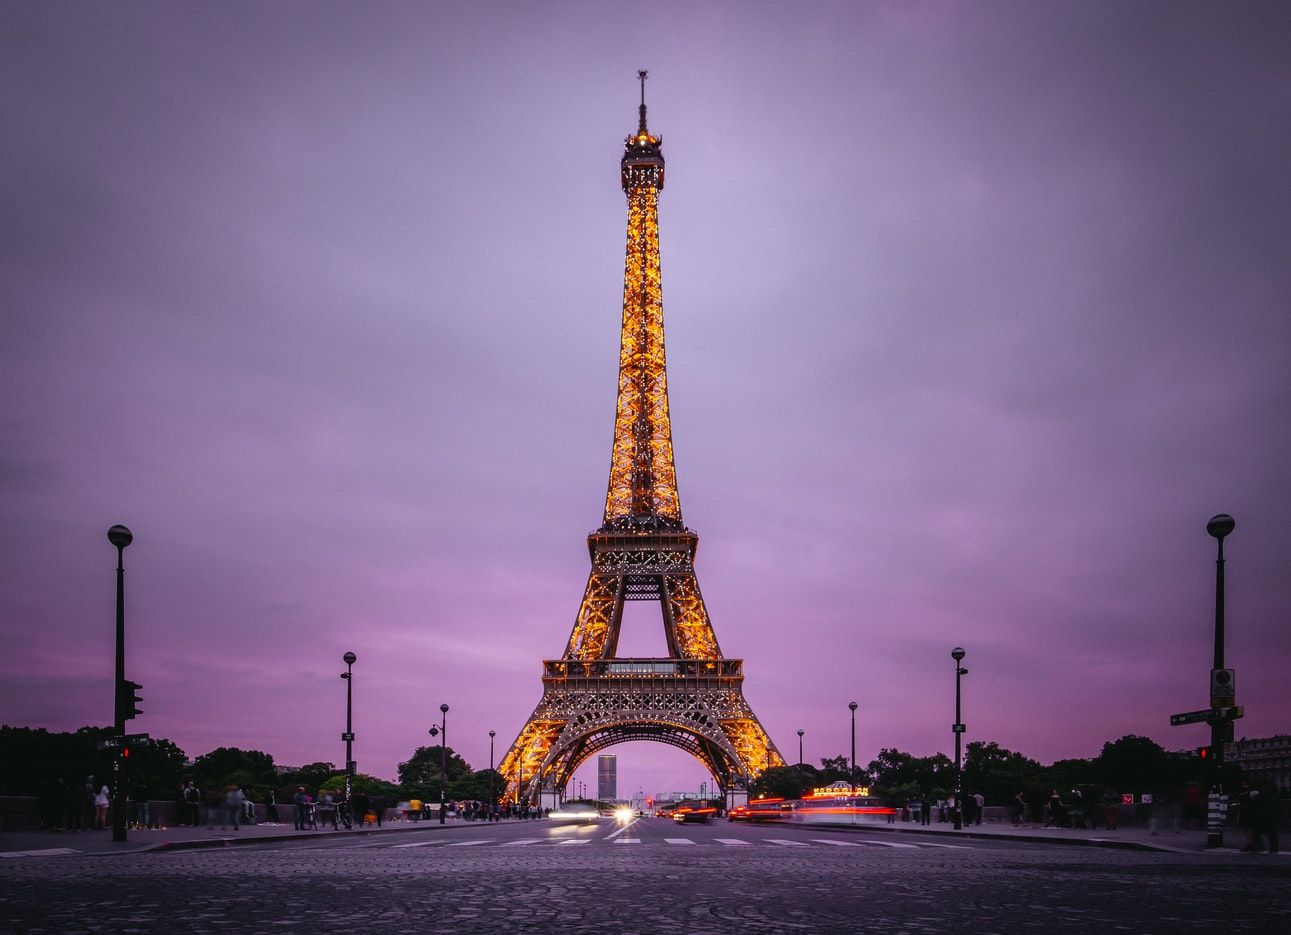 Co wiesz o Wieży Eiffla? quiz